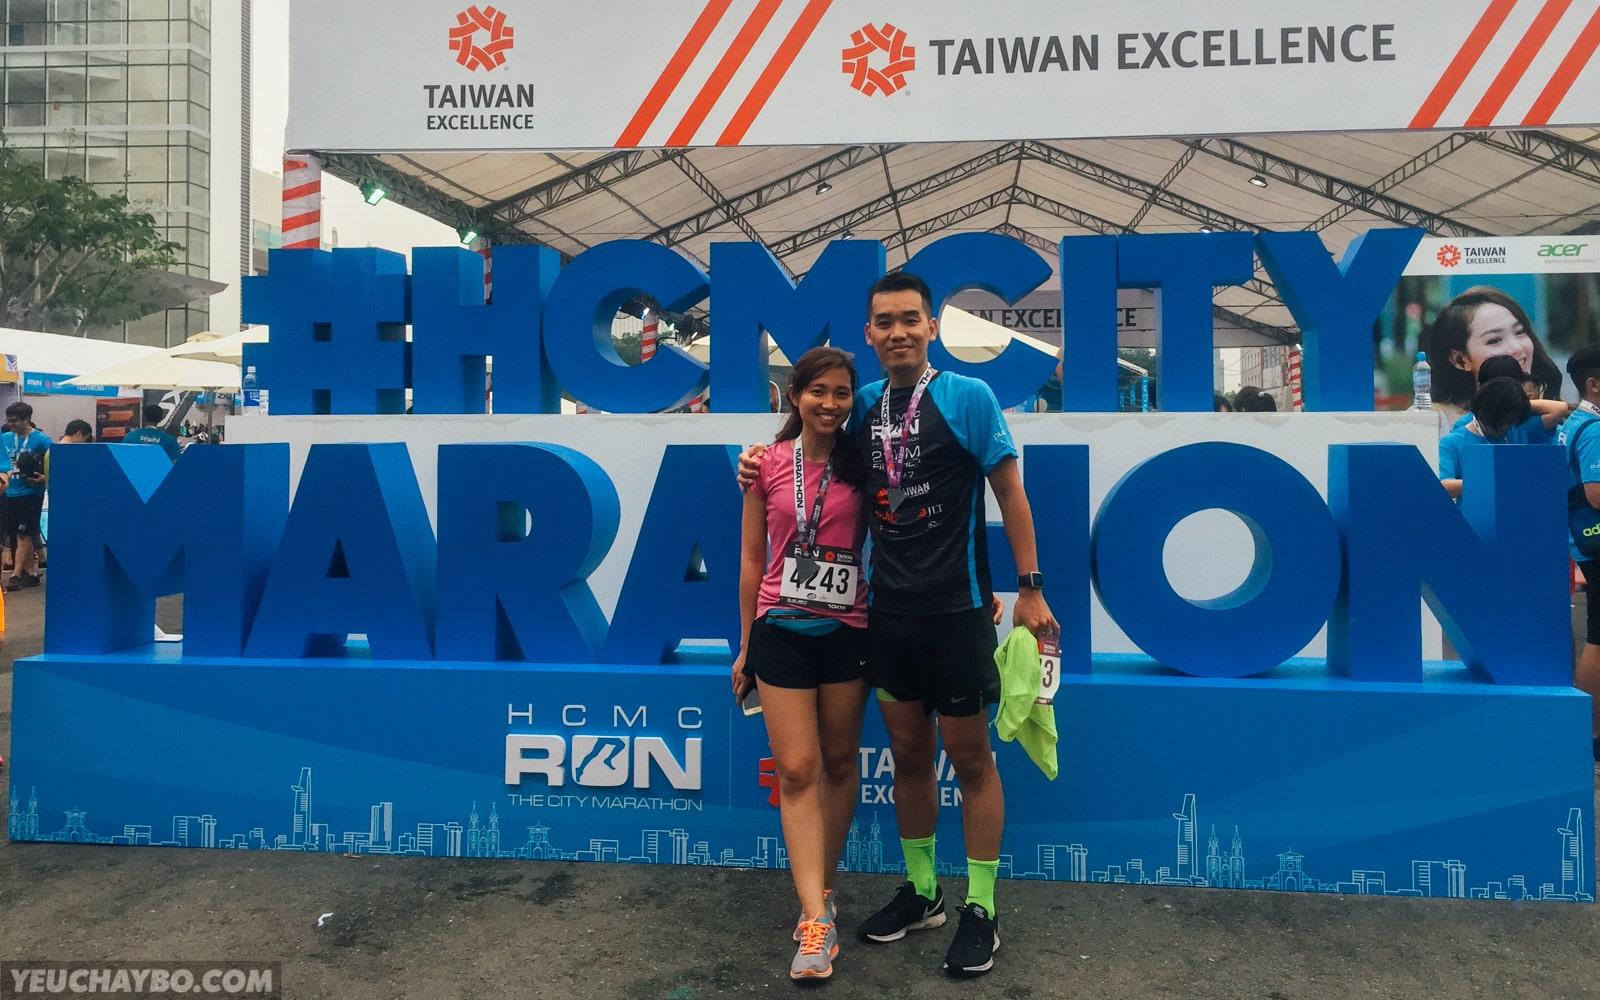 Kí sự HCMC Run 2017 – Hoàn thành mục tiêu: chồng 2 tiếng, vợ 1 tiếng